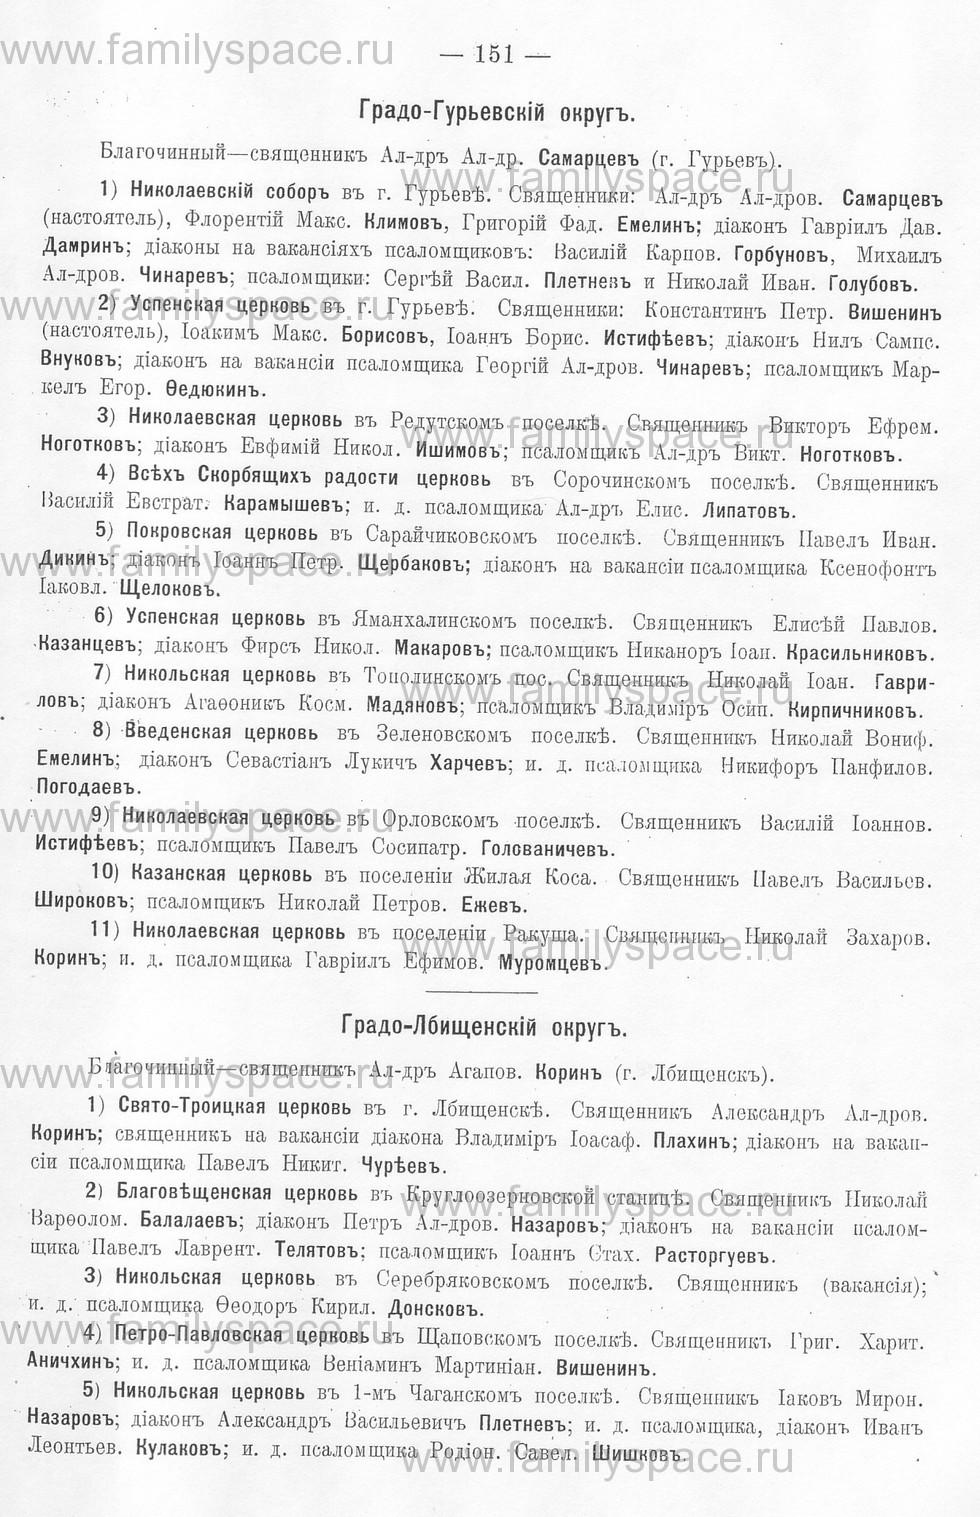 Поиск по фамилии - Памятная книжка Уральской области на 1913 год, страница 151